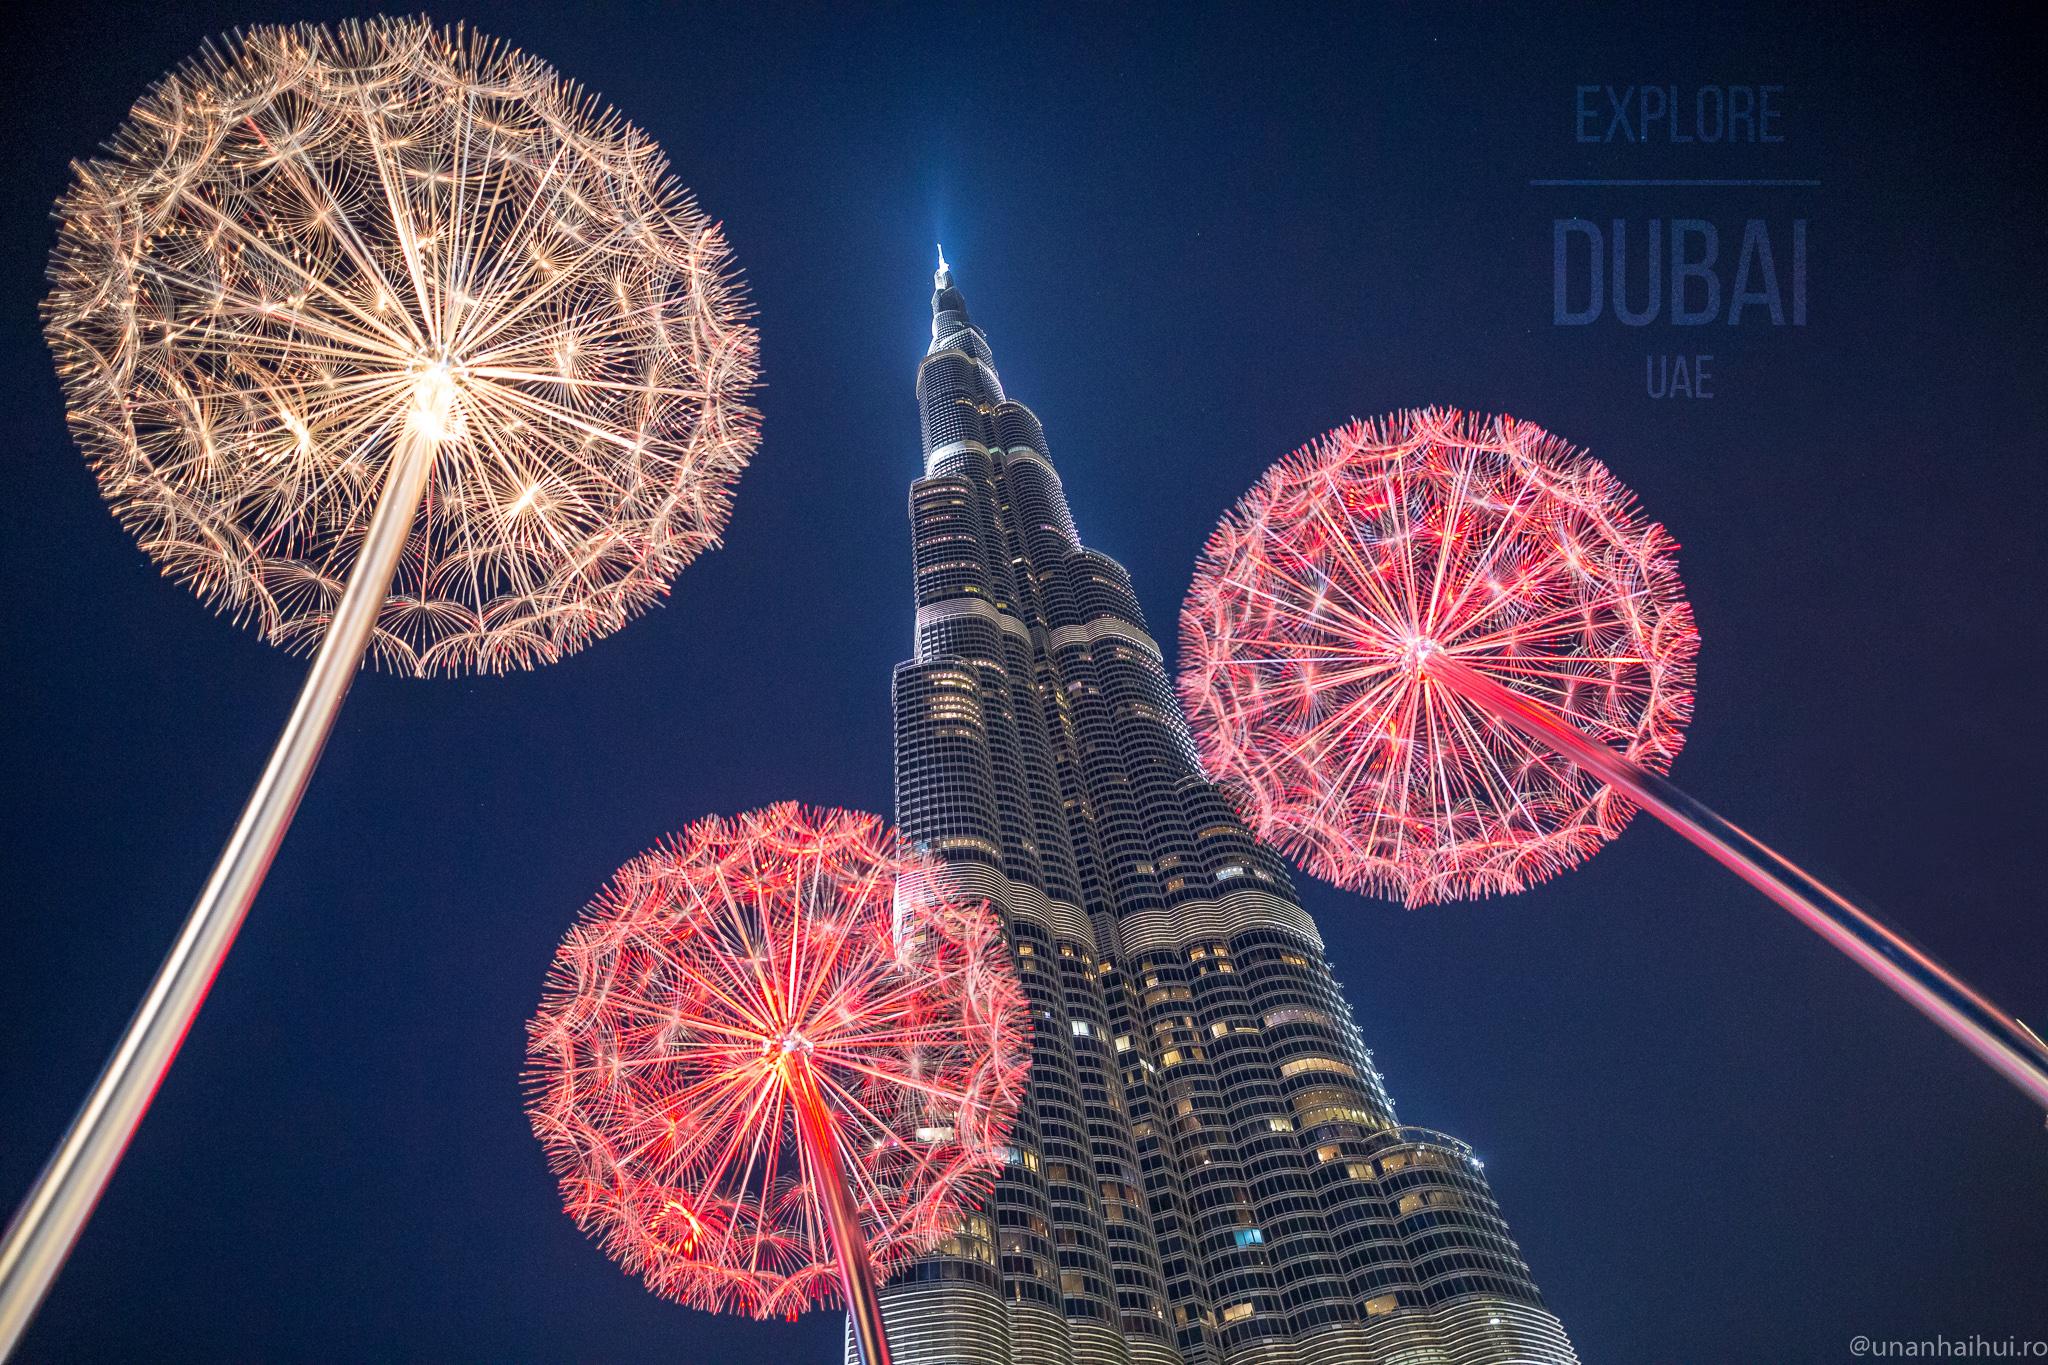 Dubai – impresii dintr-un mare parc de distracții